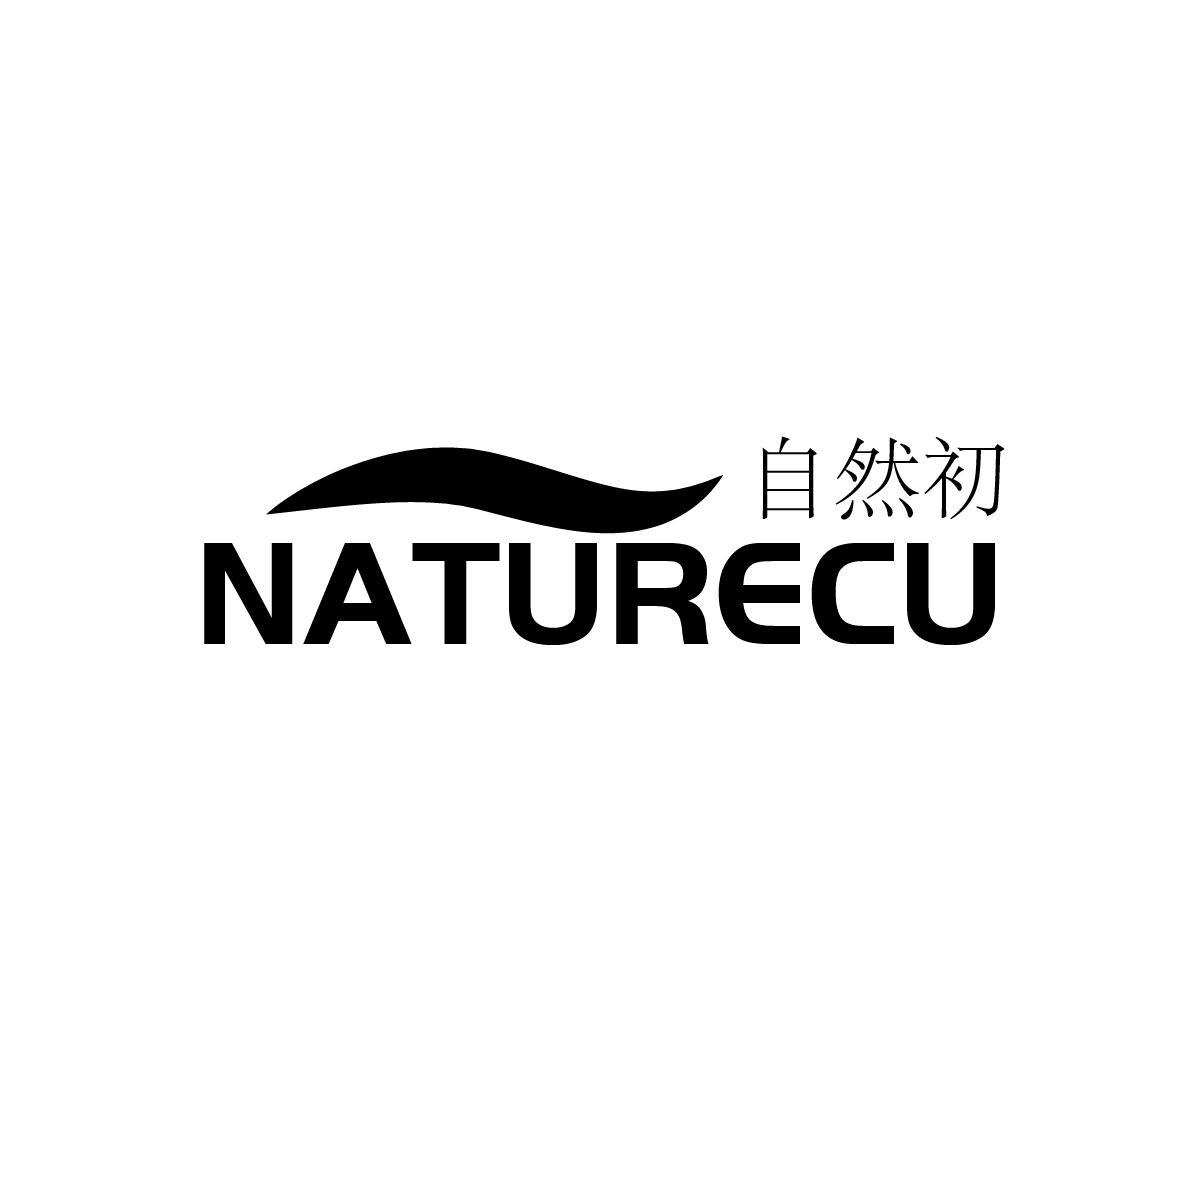 自然初NATURECU